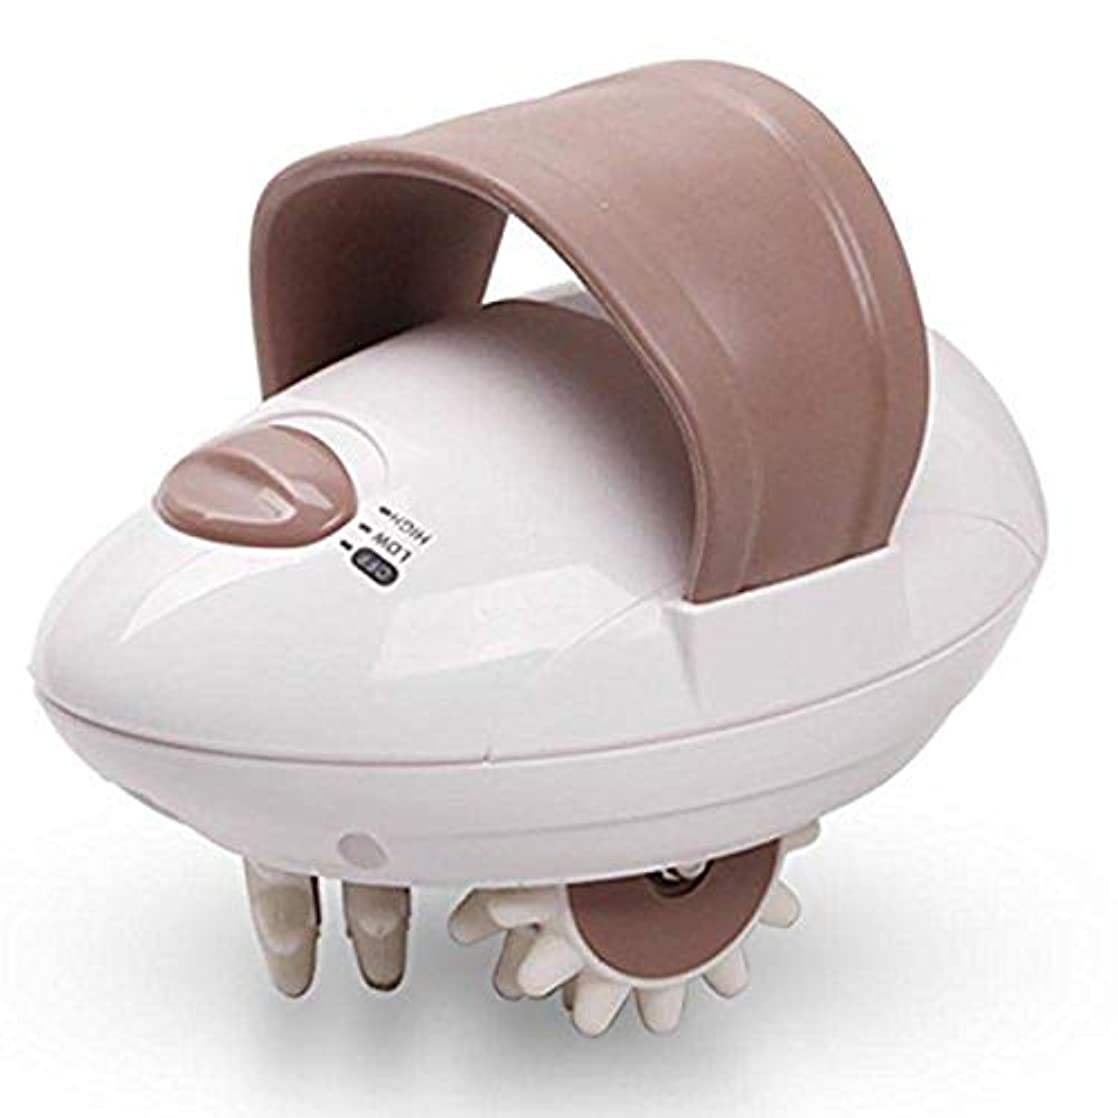 厚い調和エール3D Electric Full Body Slimming Massager Roller Cellulite Massaging Smarter Device Weight Loss Fat Burning Relieve...